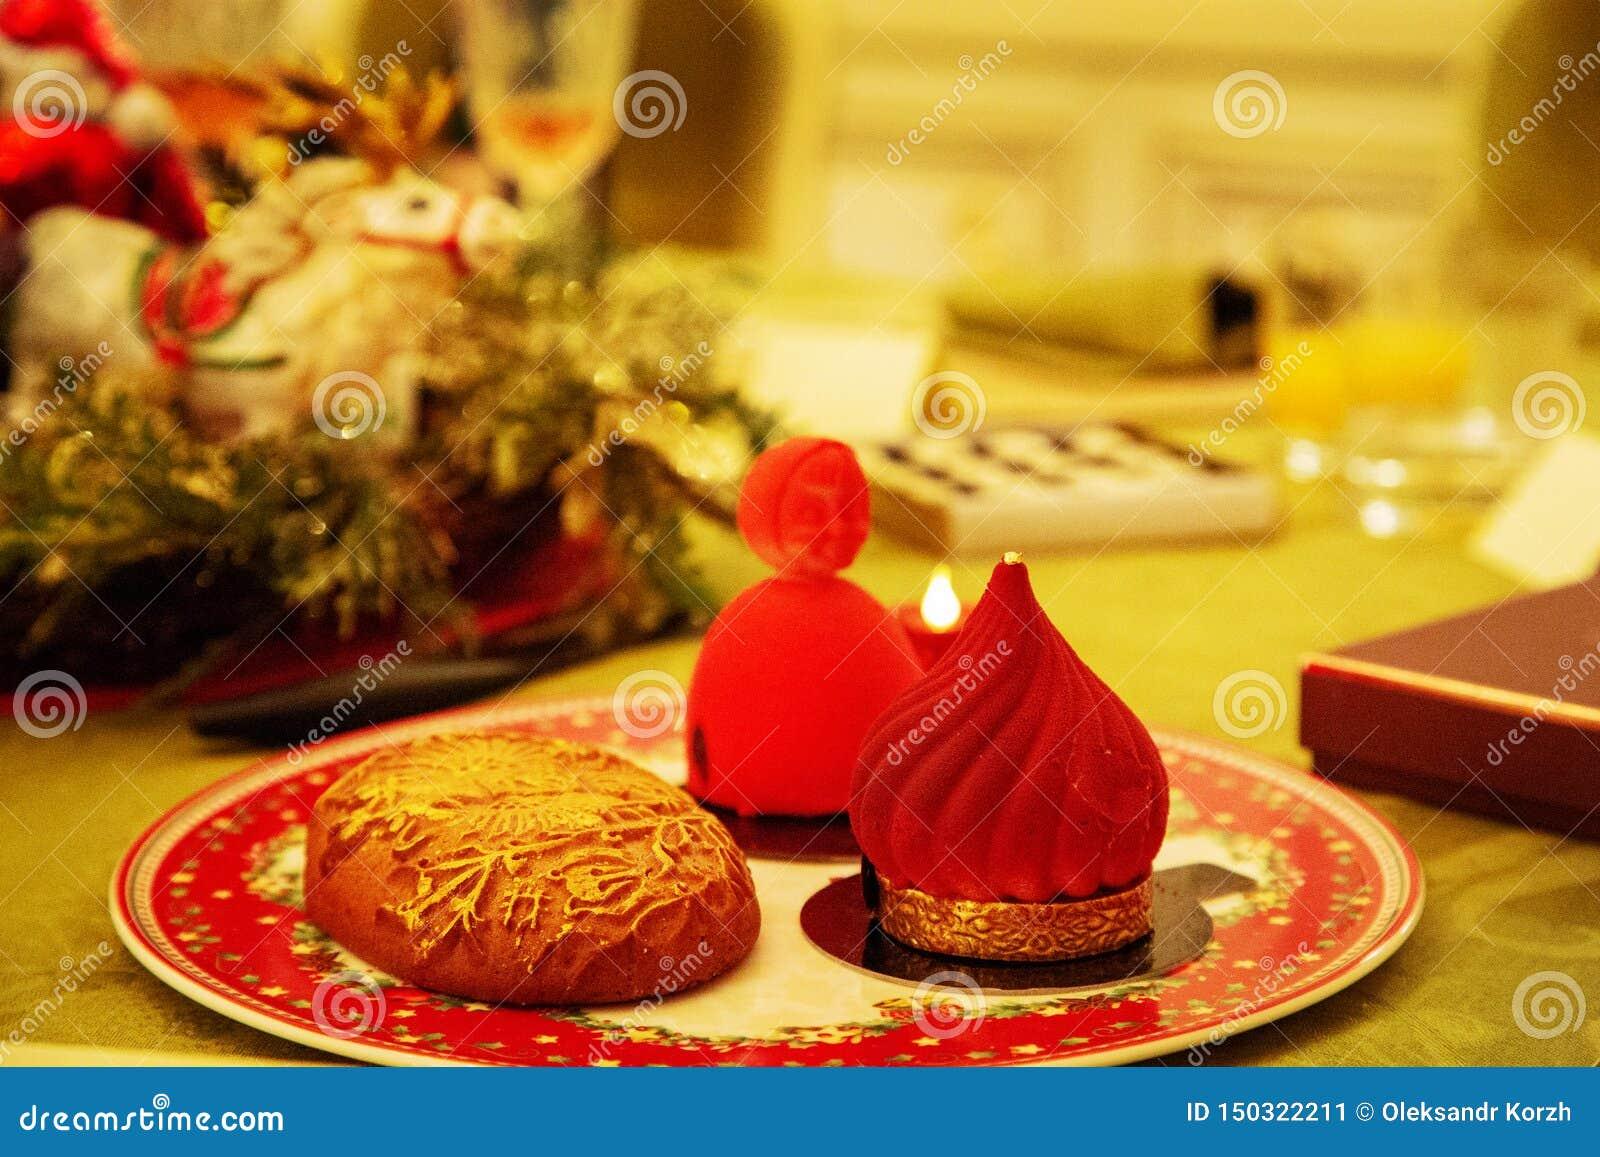 Het zoete mooie dessert cupcake legt op porseleinplaat